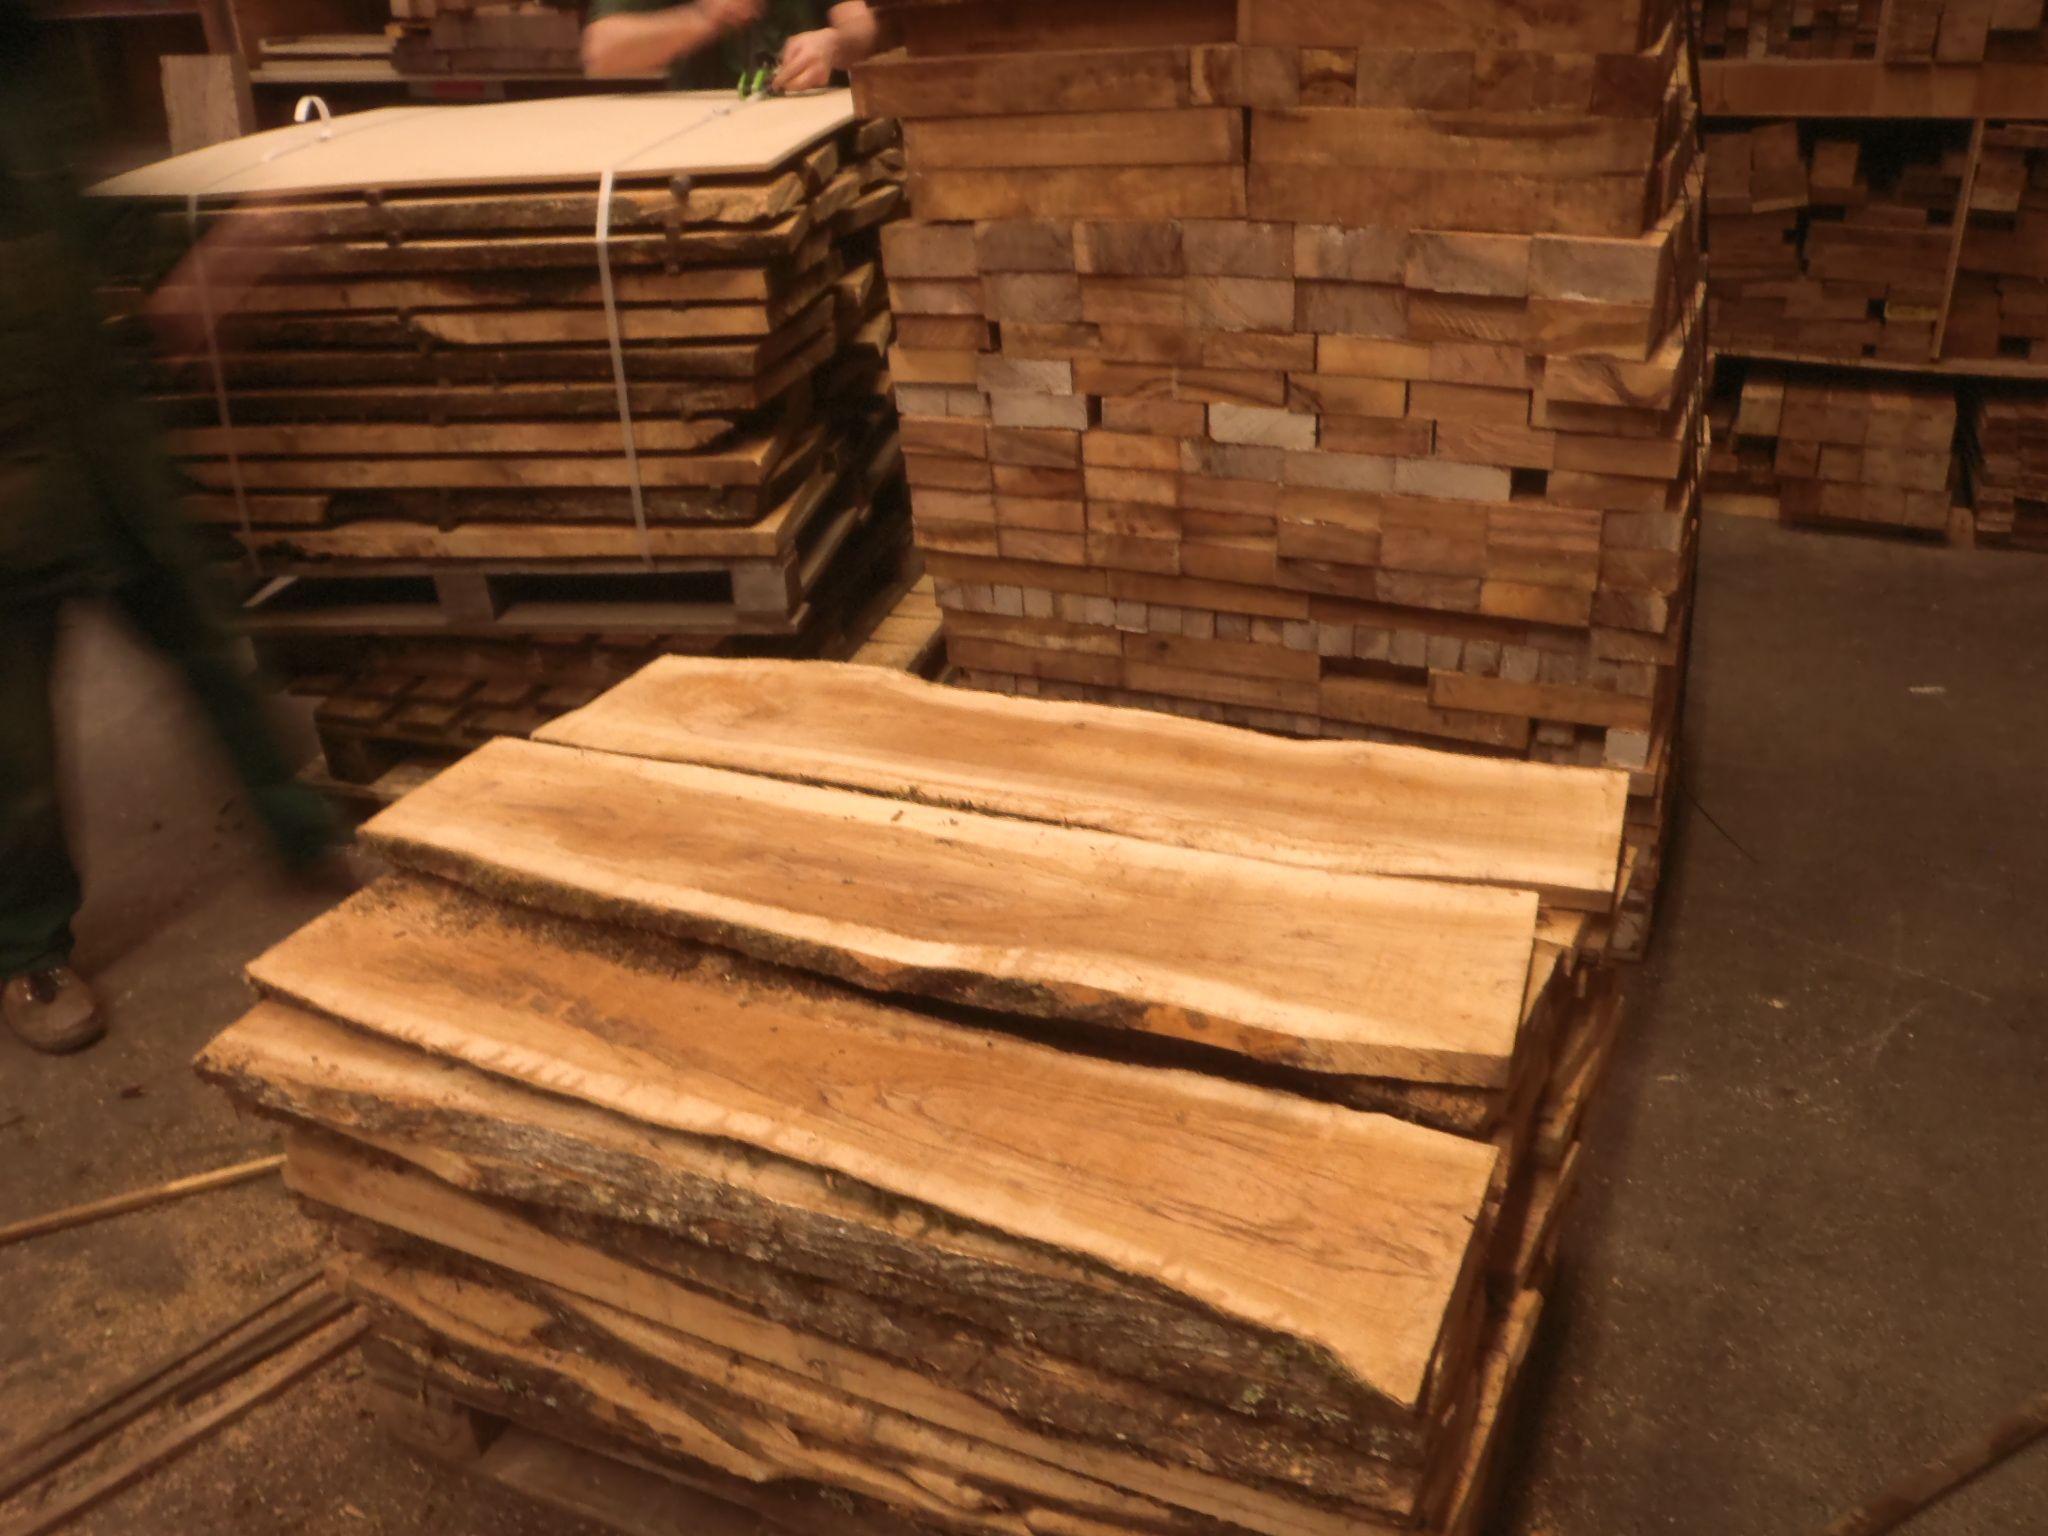 Mooie Houten Wandplank.Afbeeldingsresultaat Voor Mooie Houten Planken Kopen